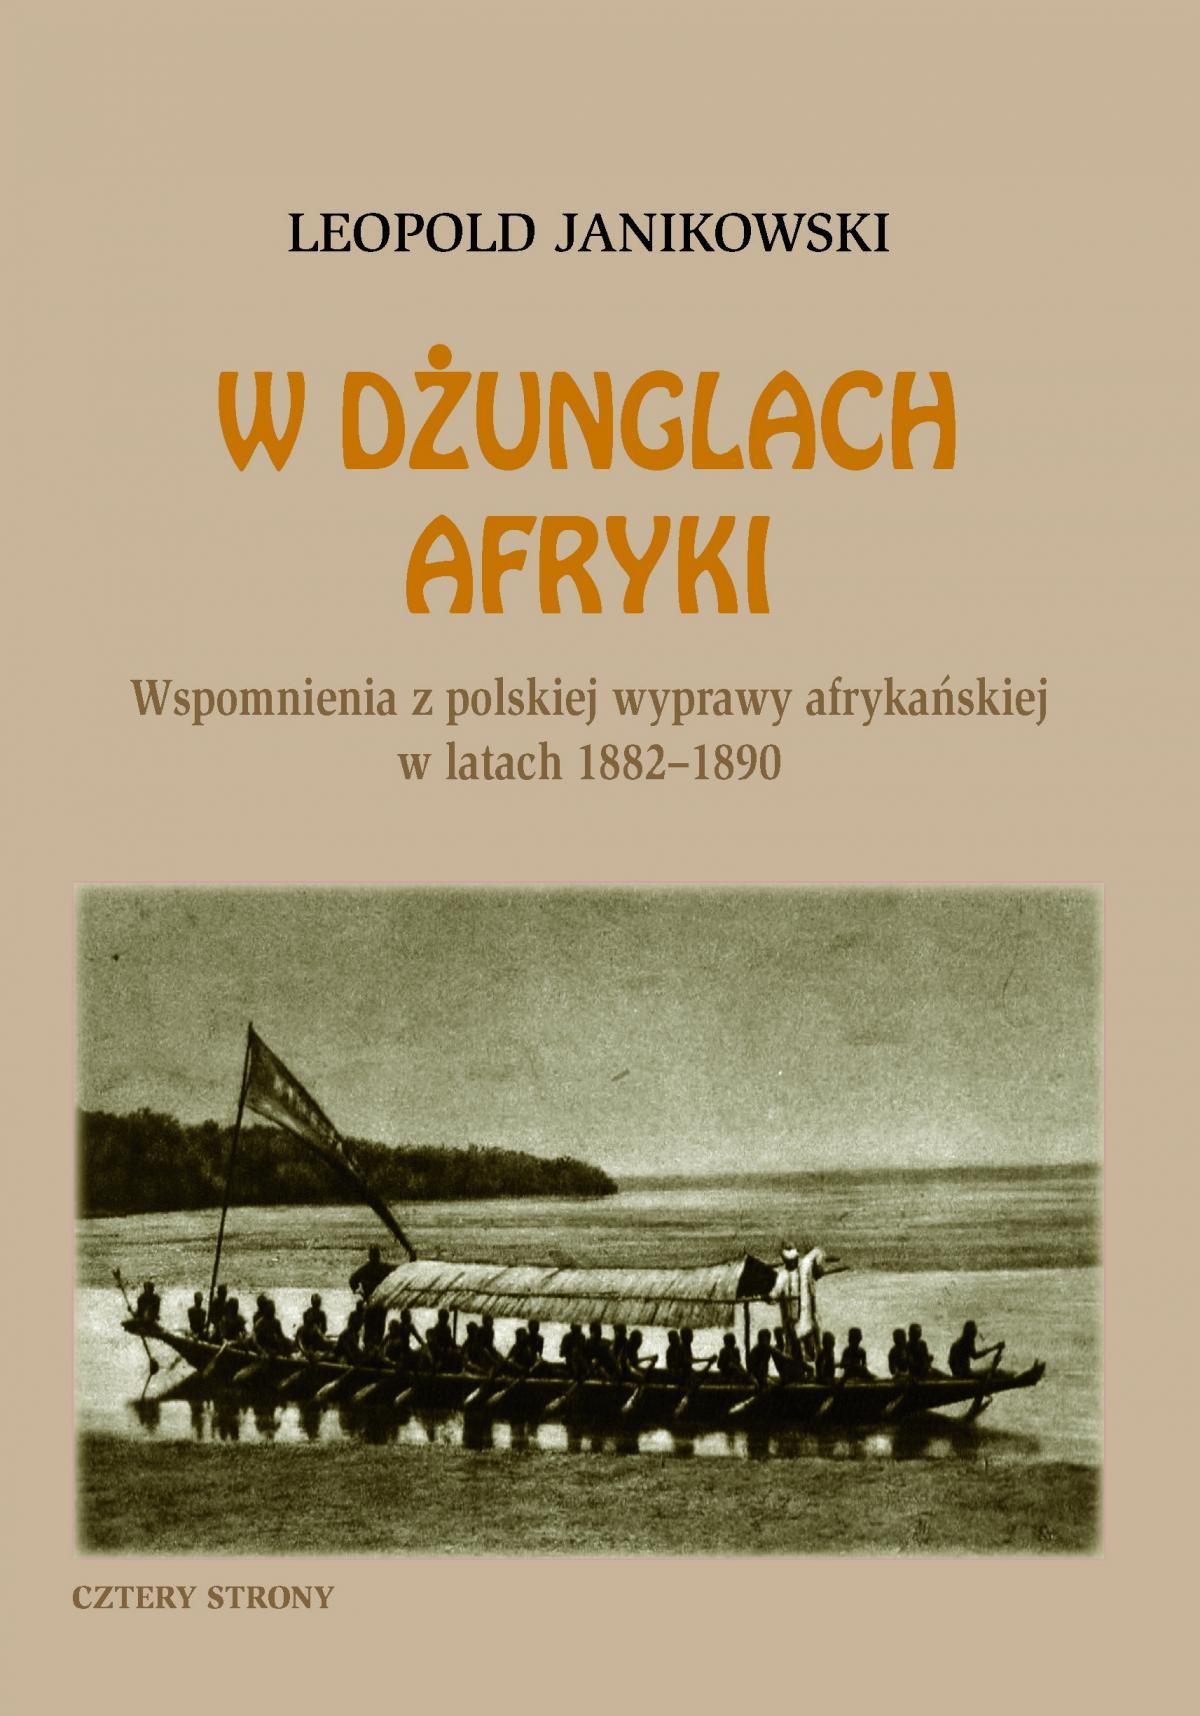 W dżunglach Afryki. Wspomnienia z polskiej wyprawy afrykańskiej w latach 1882-1890 - Ebook (Książka na Kindle) do pobrania w formacie MOBI